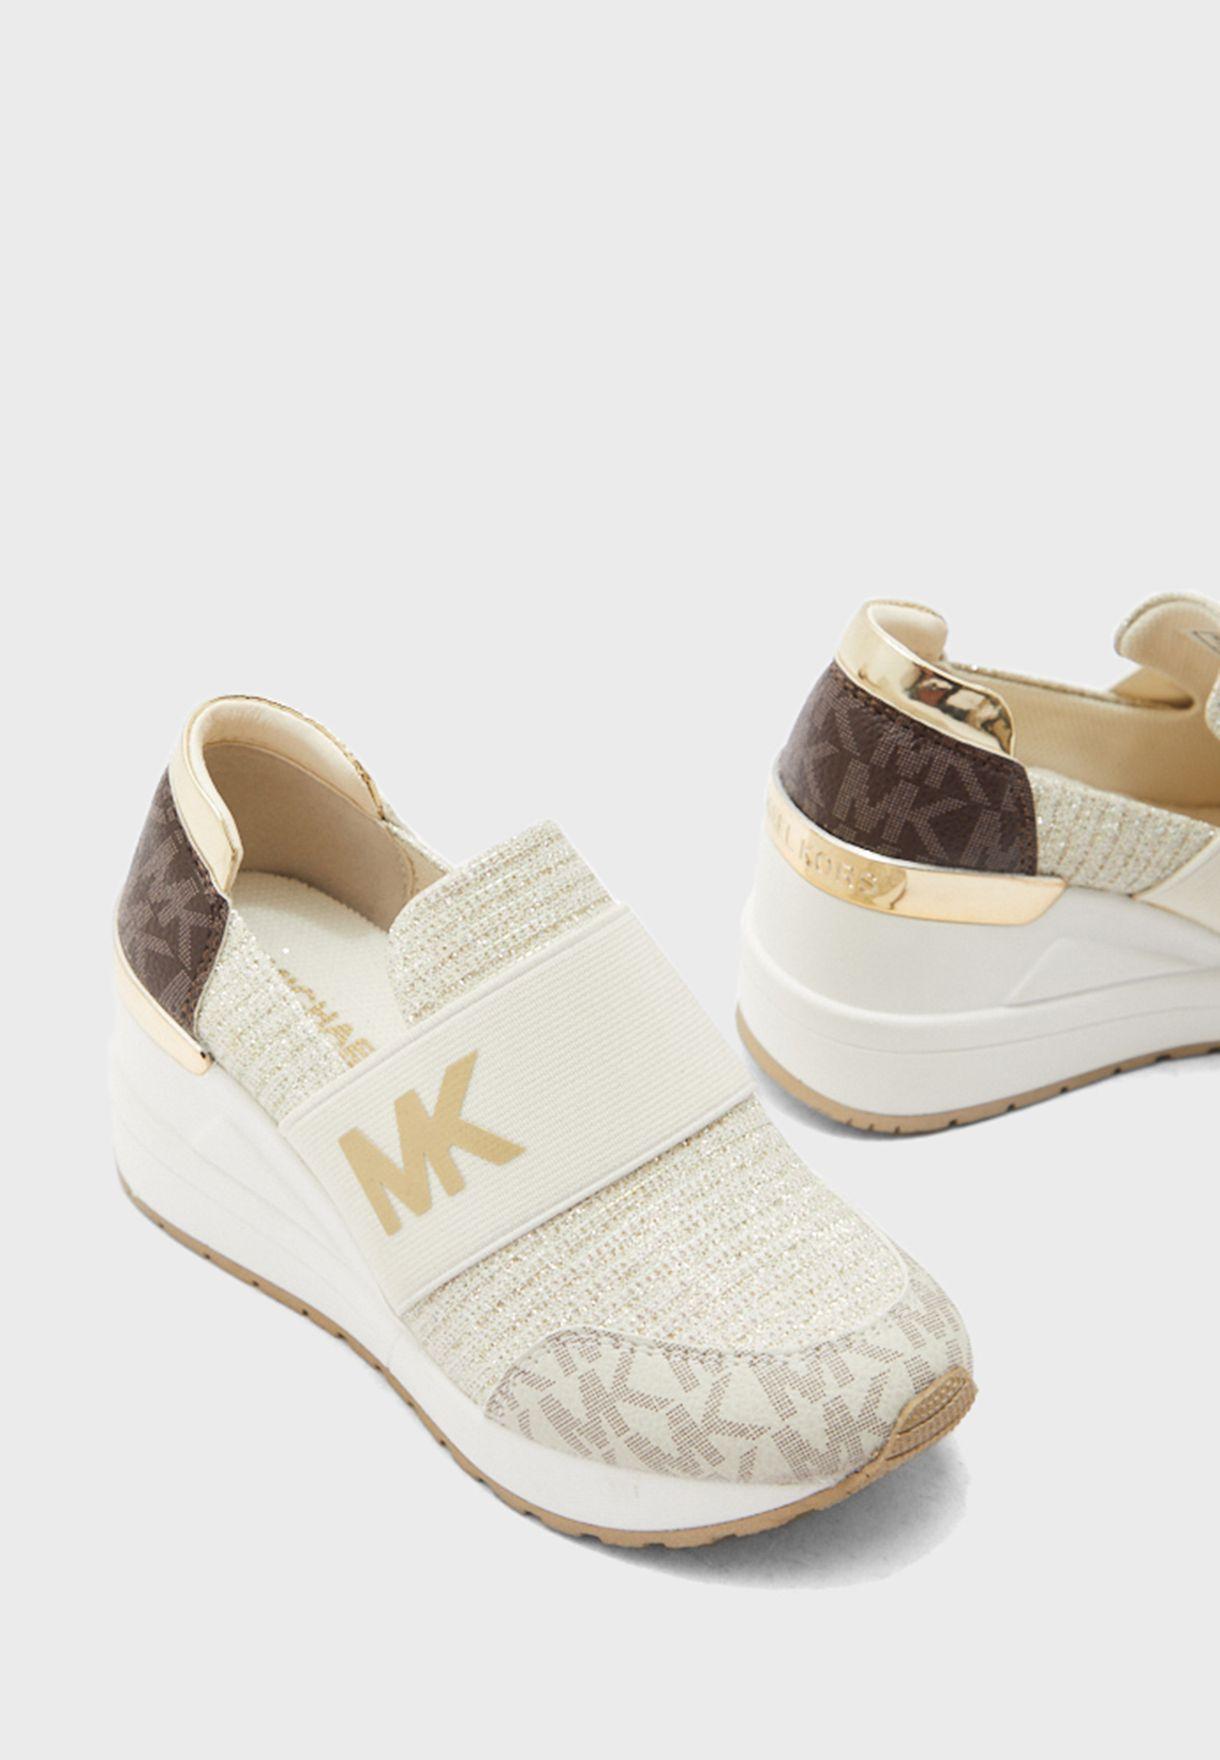 Neo Flex Low Top Sneakers